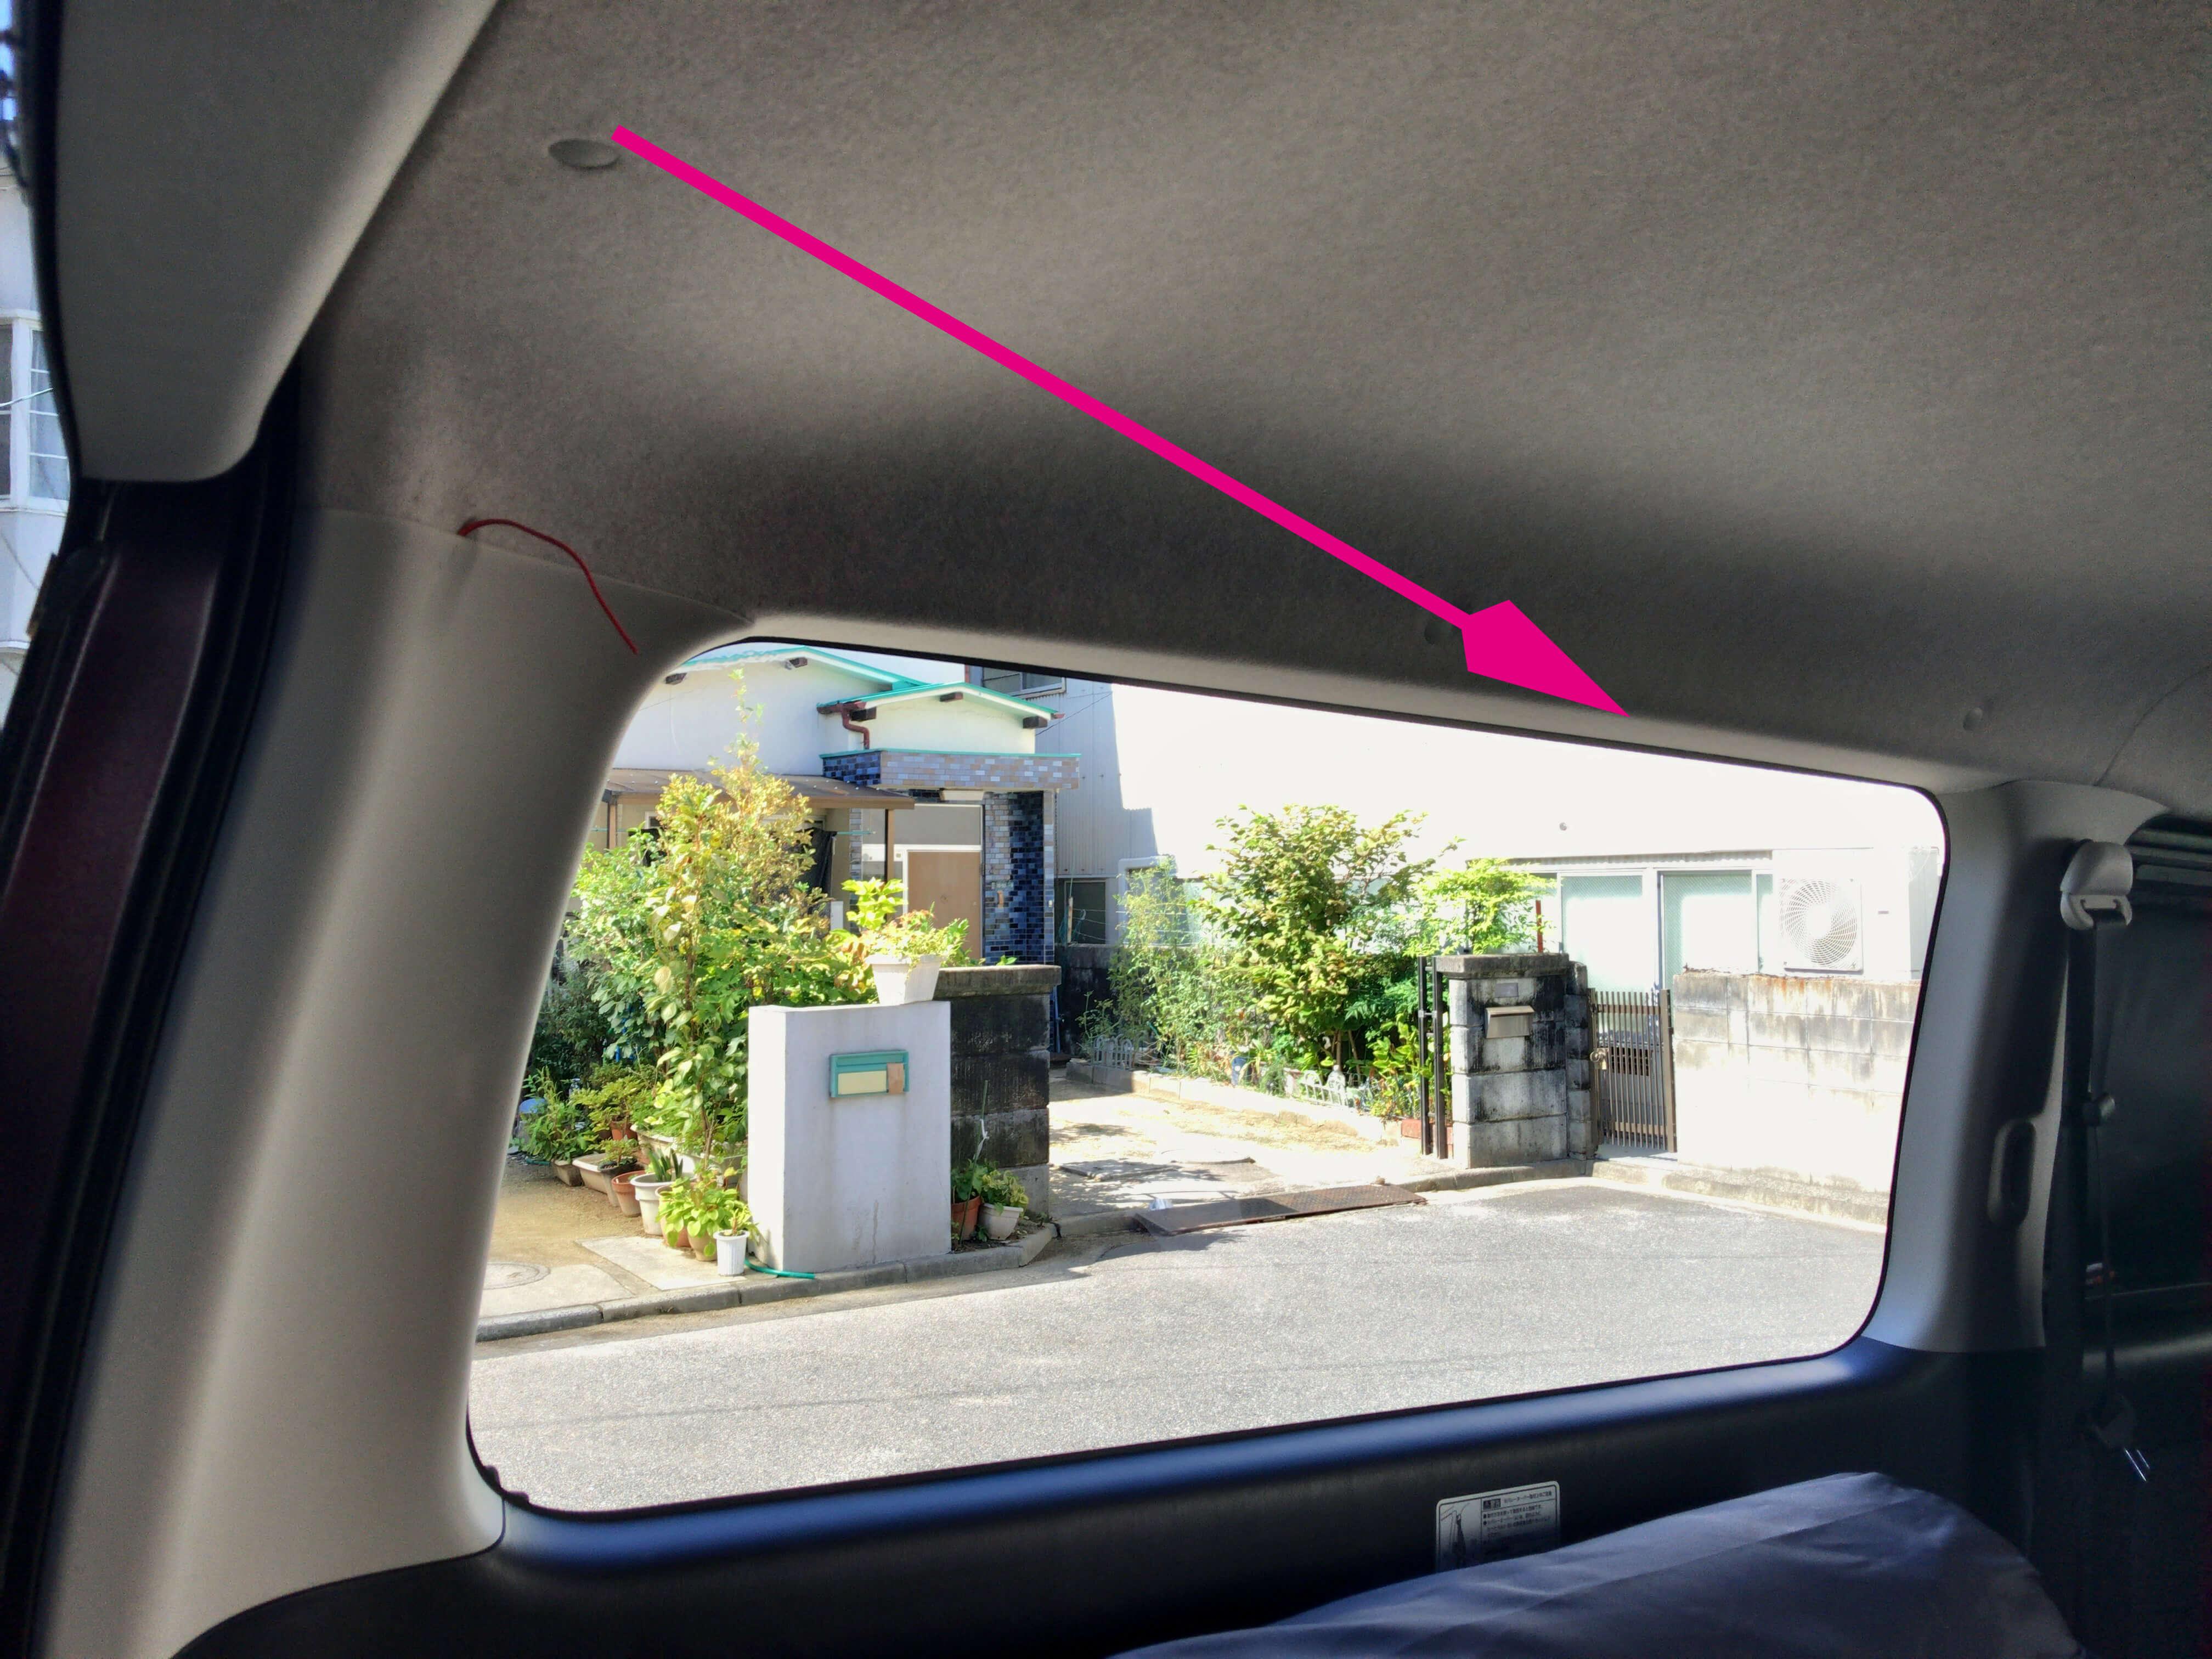 リアゲート側からリア窓に向けて「矢印」の方向に目がけて配線を押し込んでいく